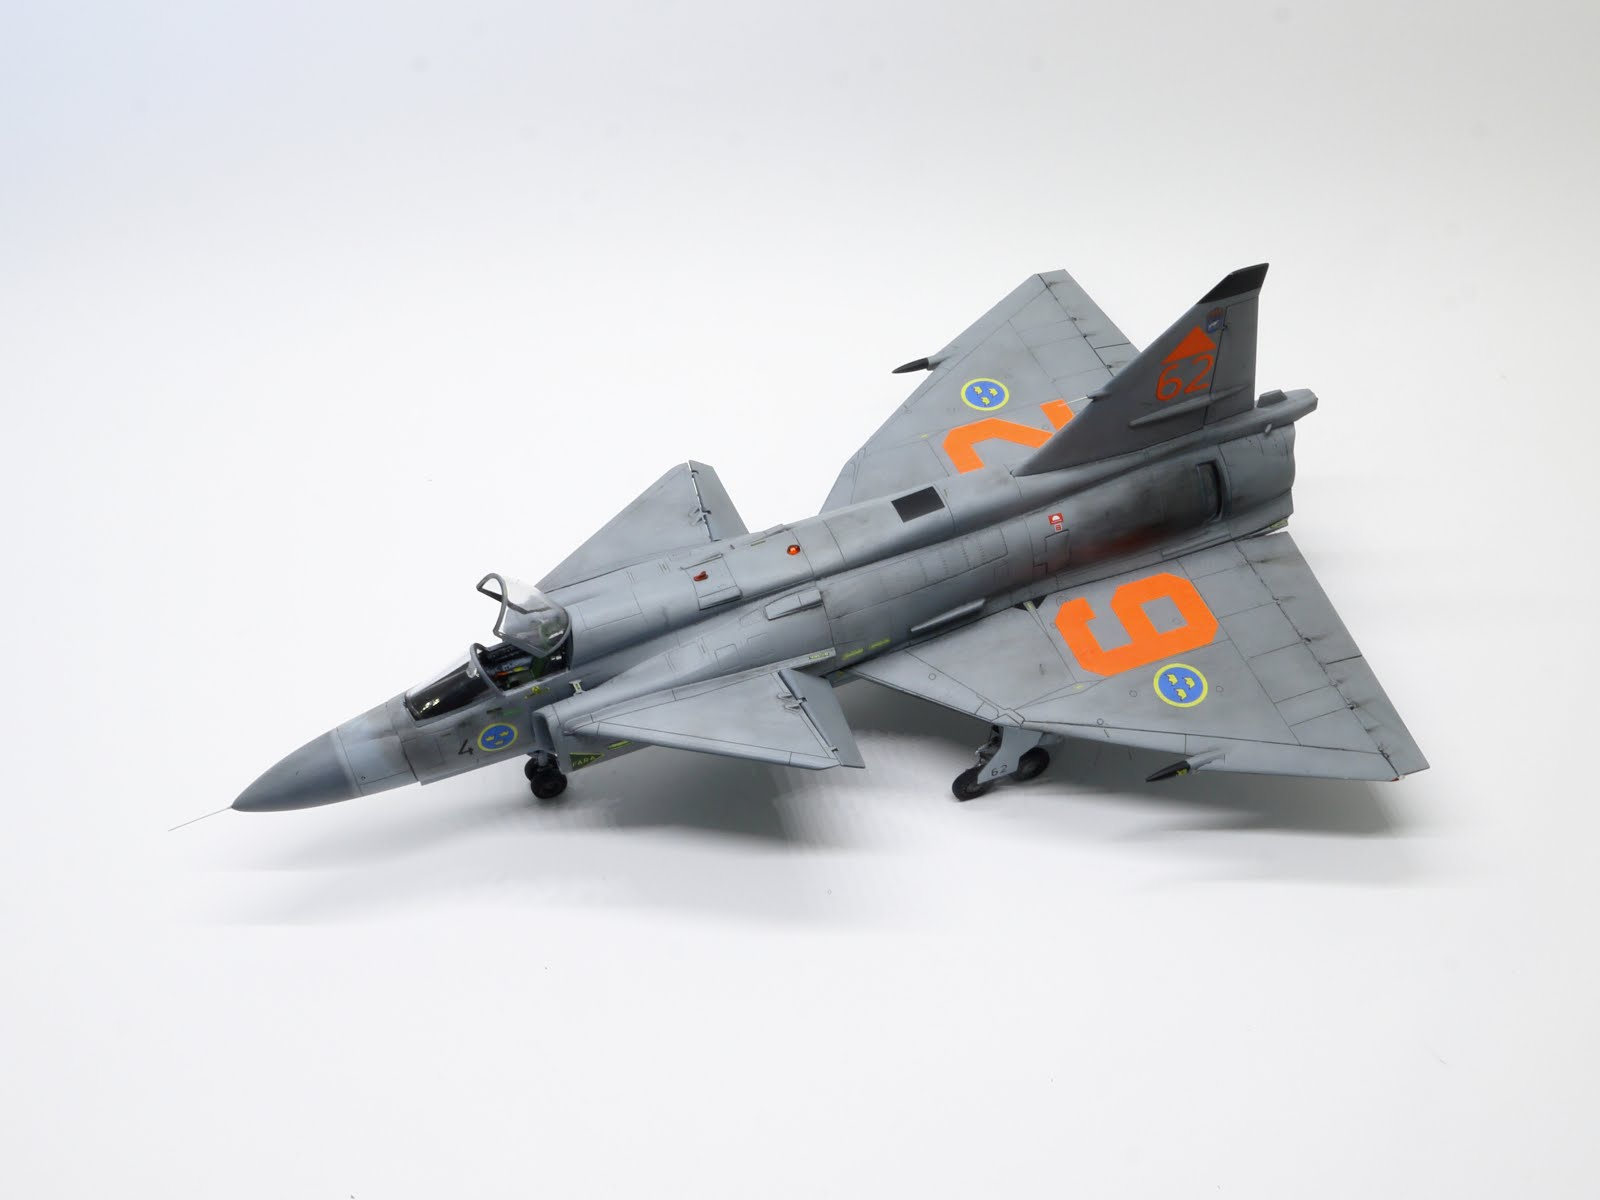 JA 37C Viggen